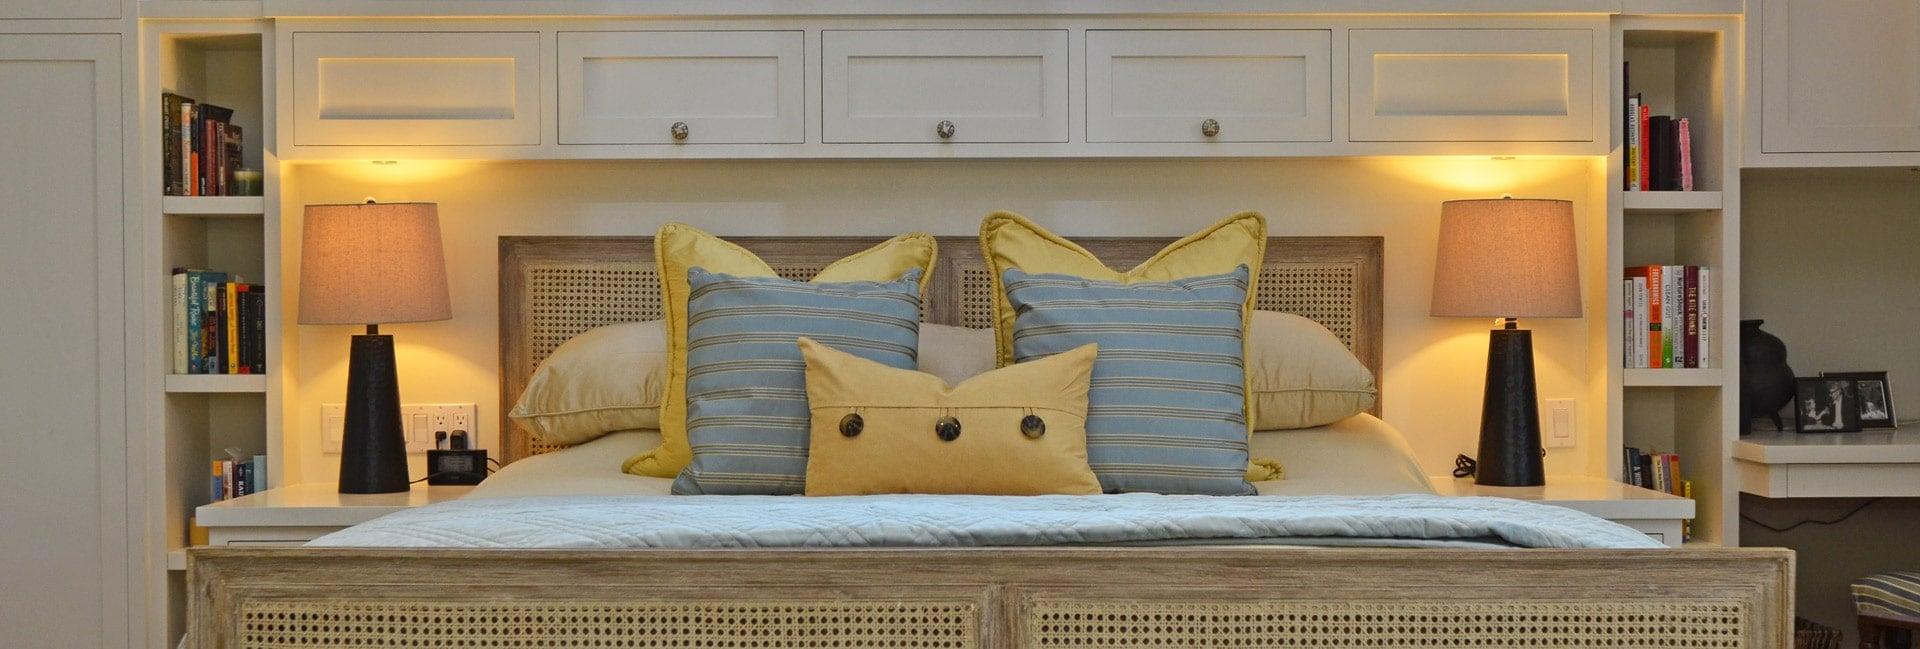 Home interior design Verdugo Woodlands, CA